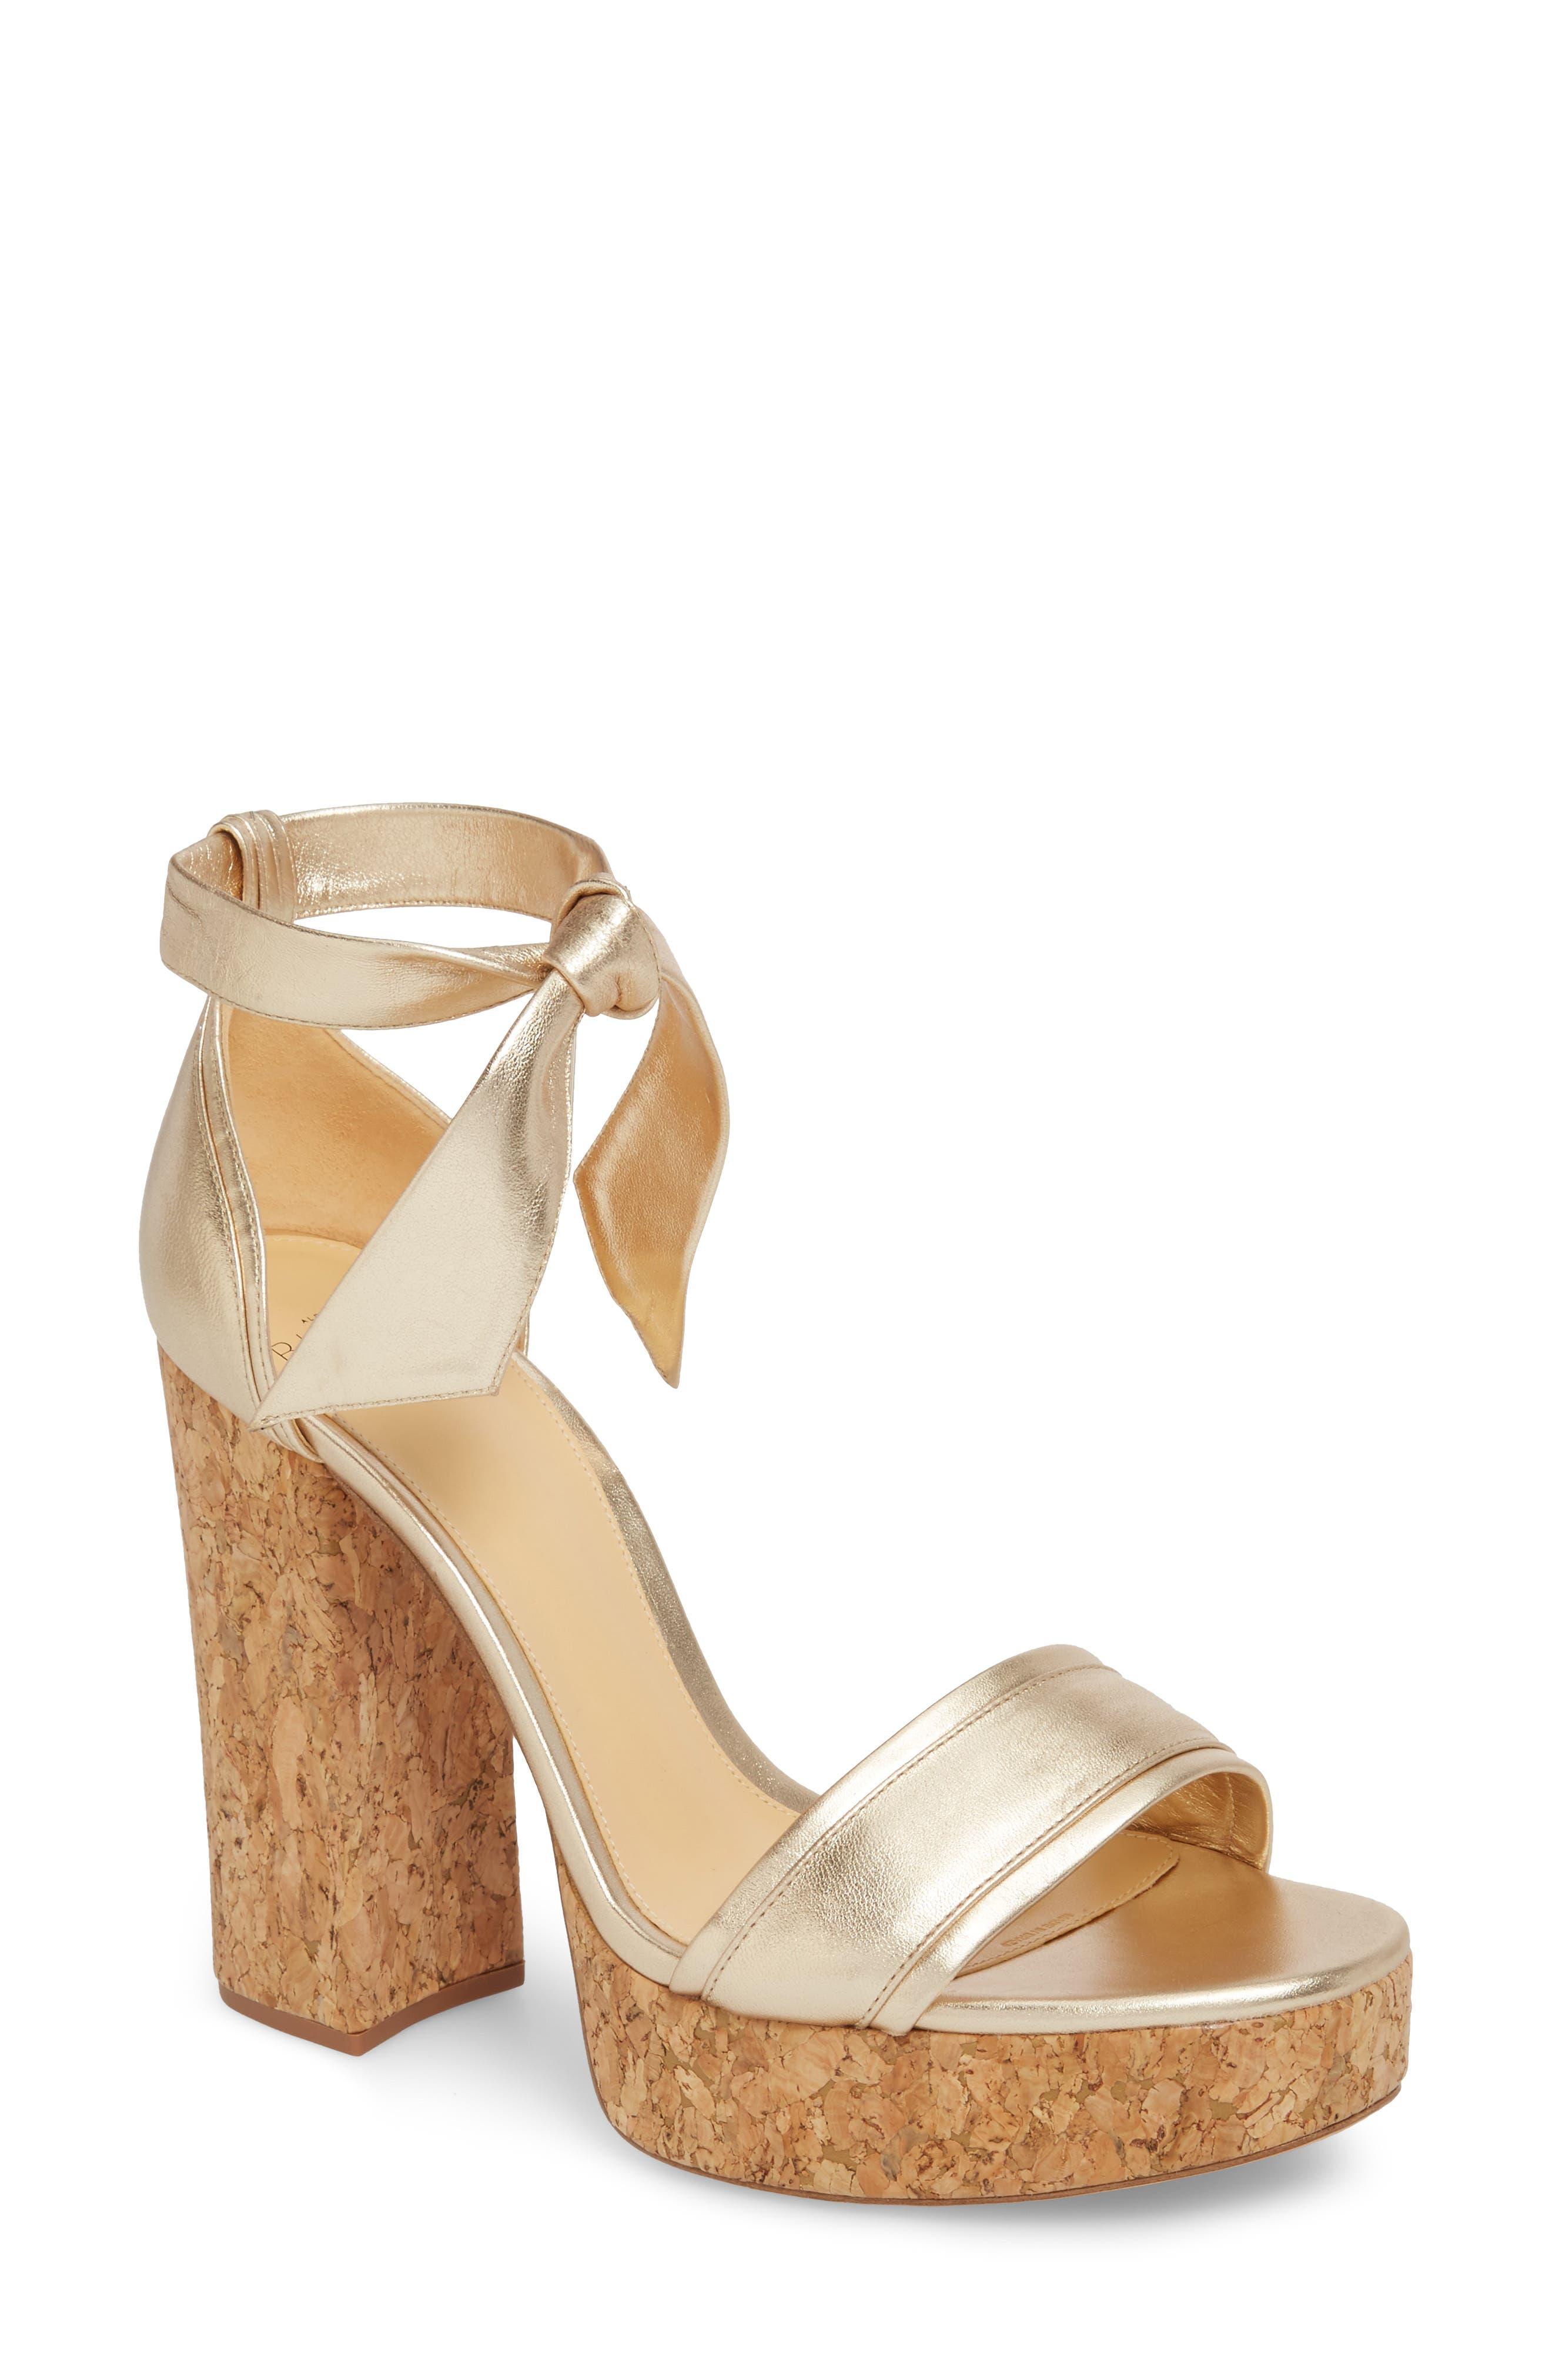 Celine Ankle Tie Platform Sandal,                             Main thumbnail 1, color,                             Gold